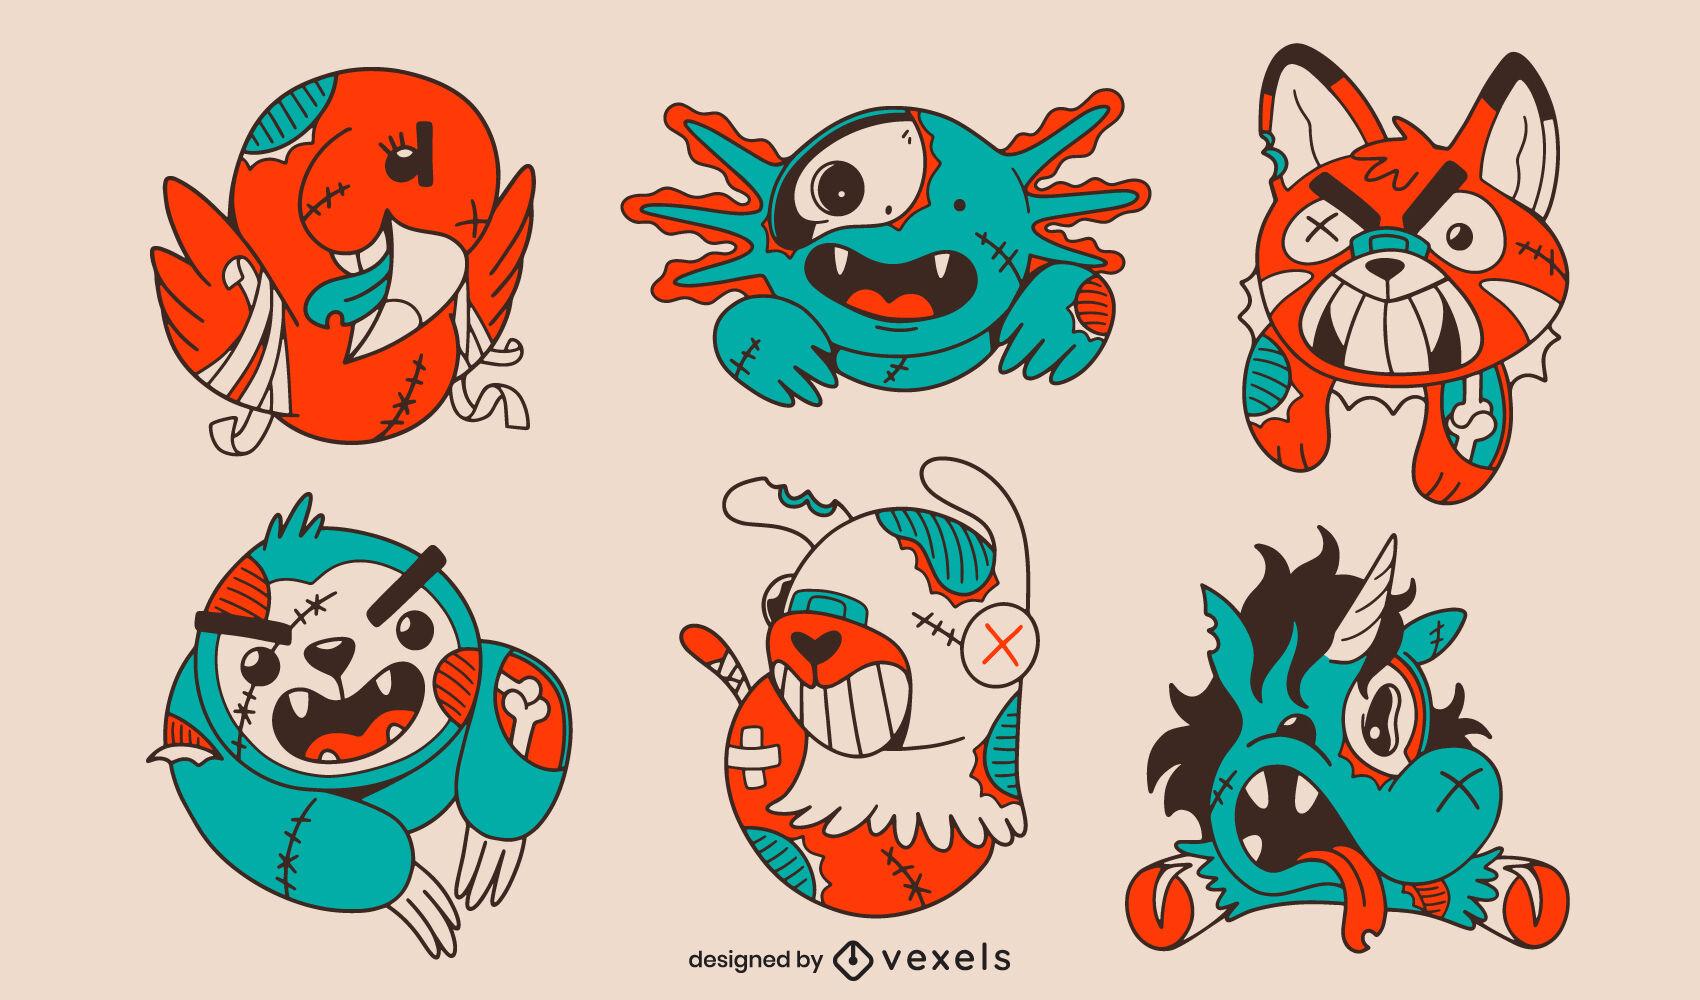 Desenho animado conjunto de ilustrações de animais zumbis